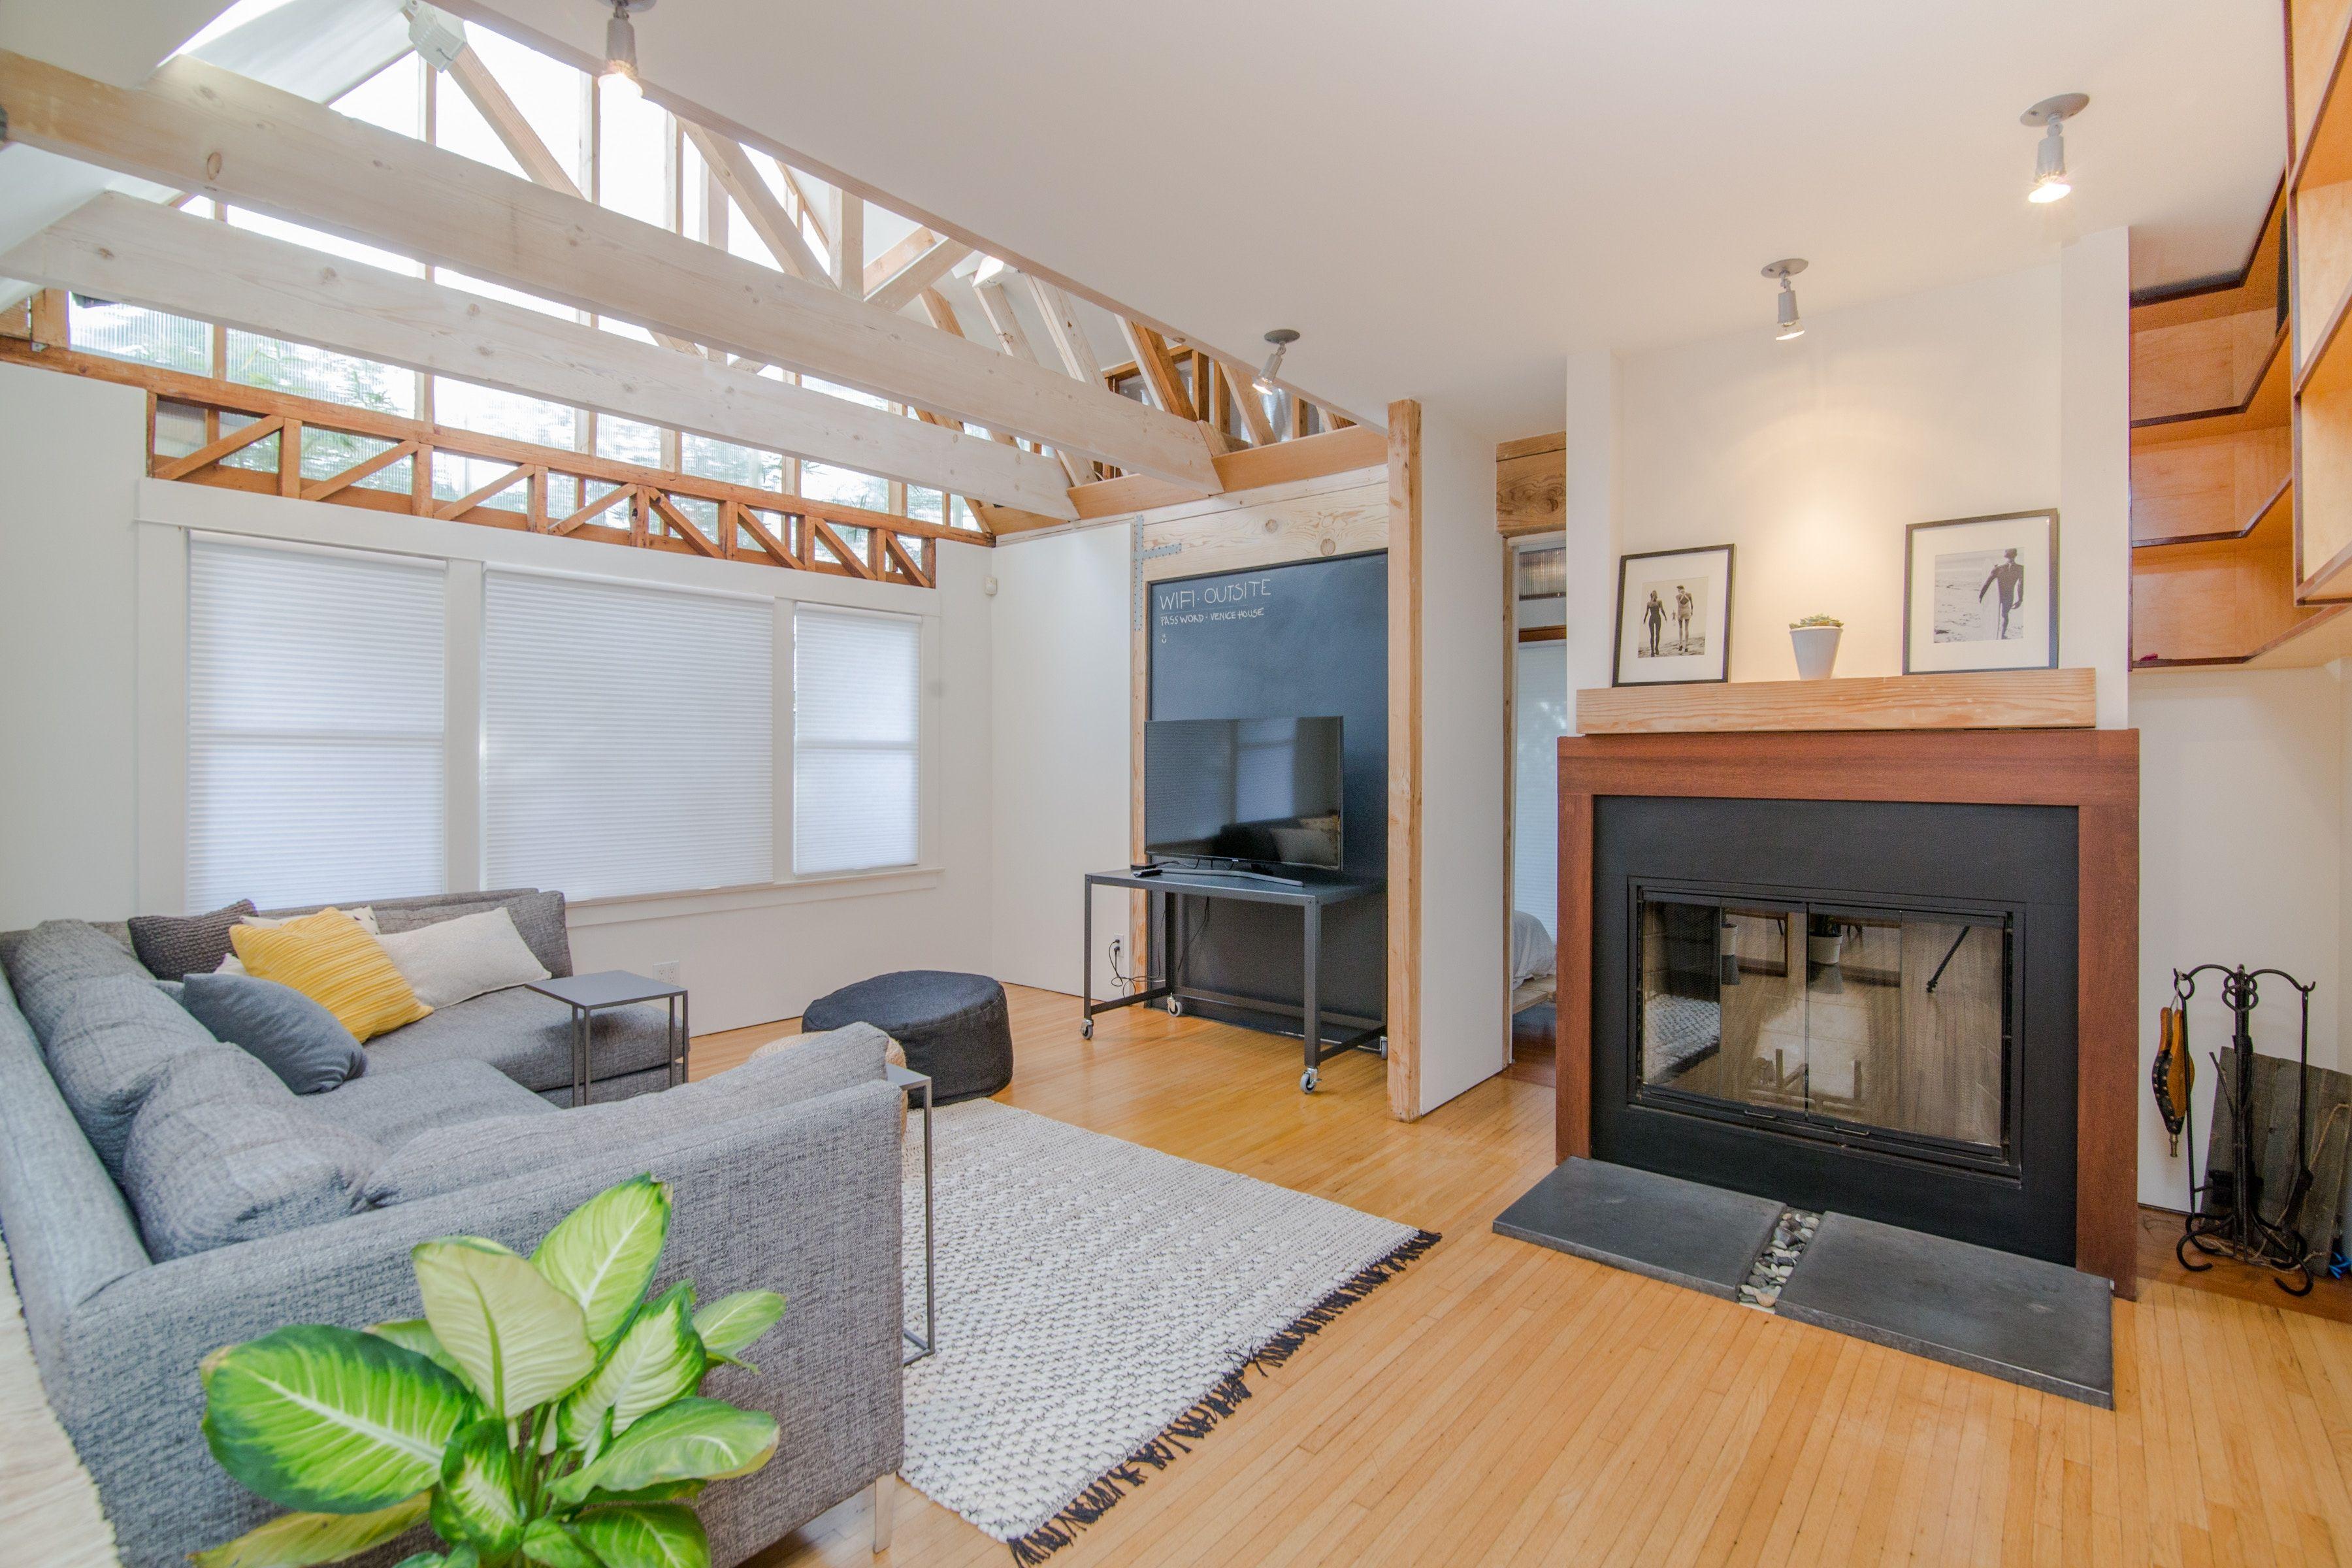 ¿Cómo decorar tu hogar para atraer buenas energías?